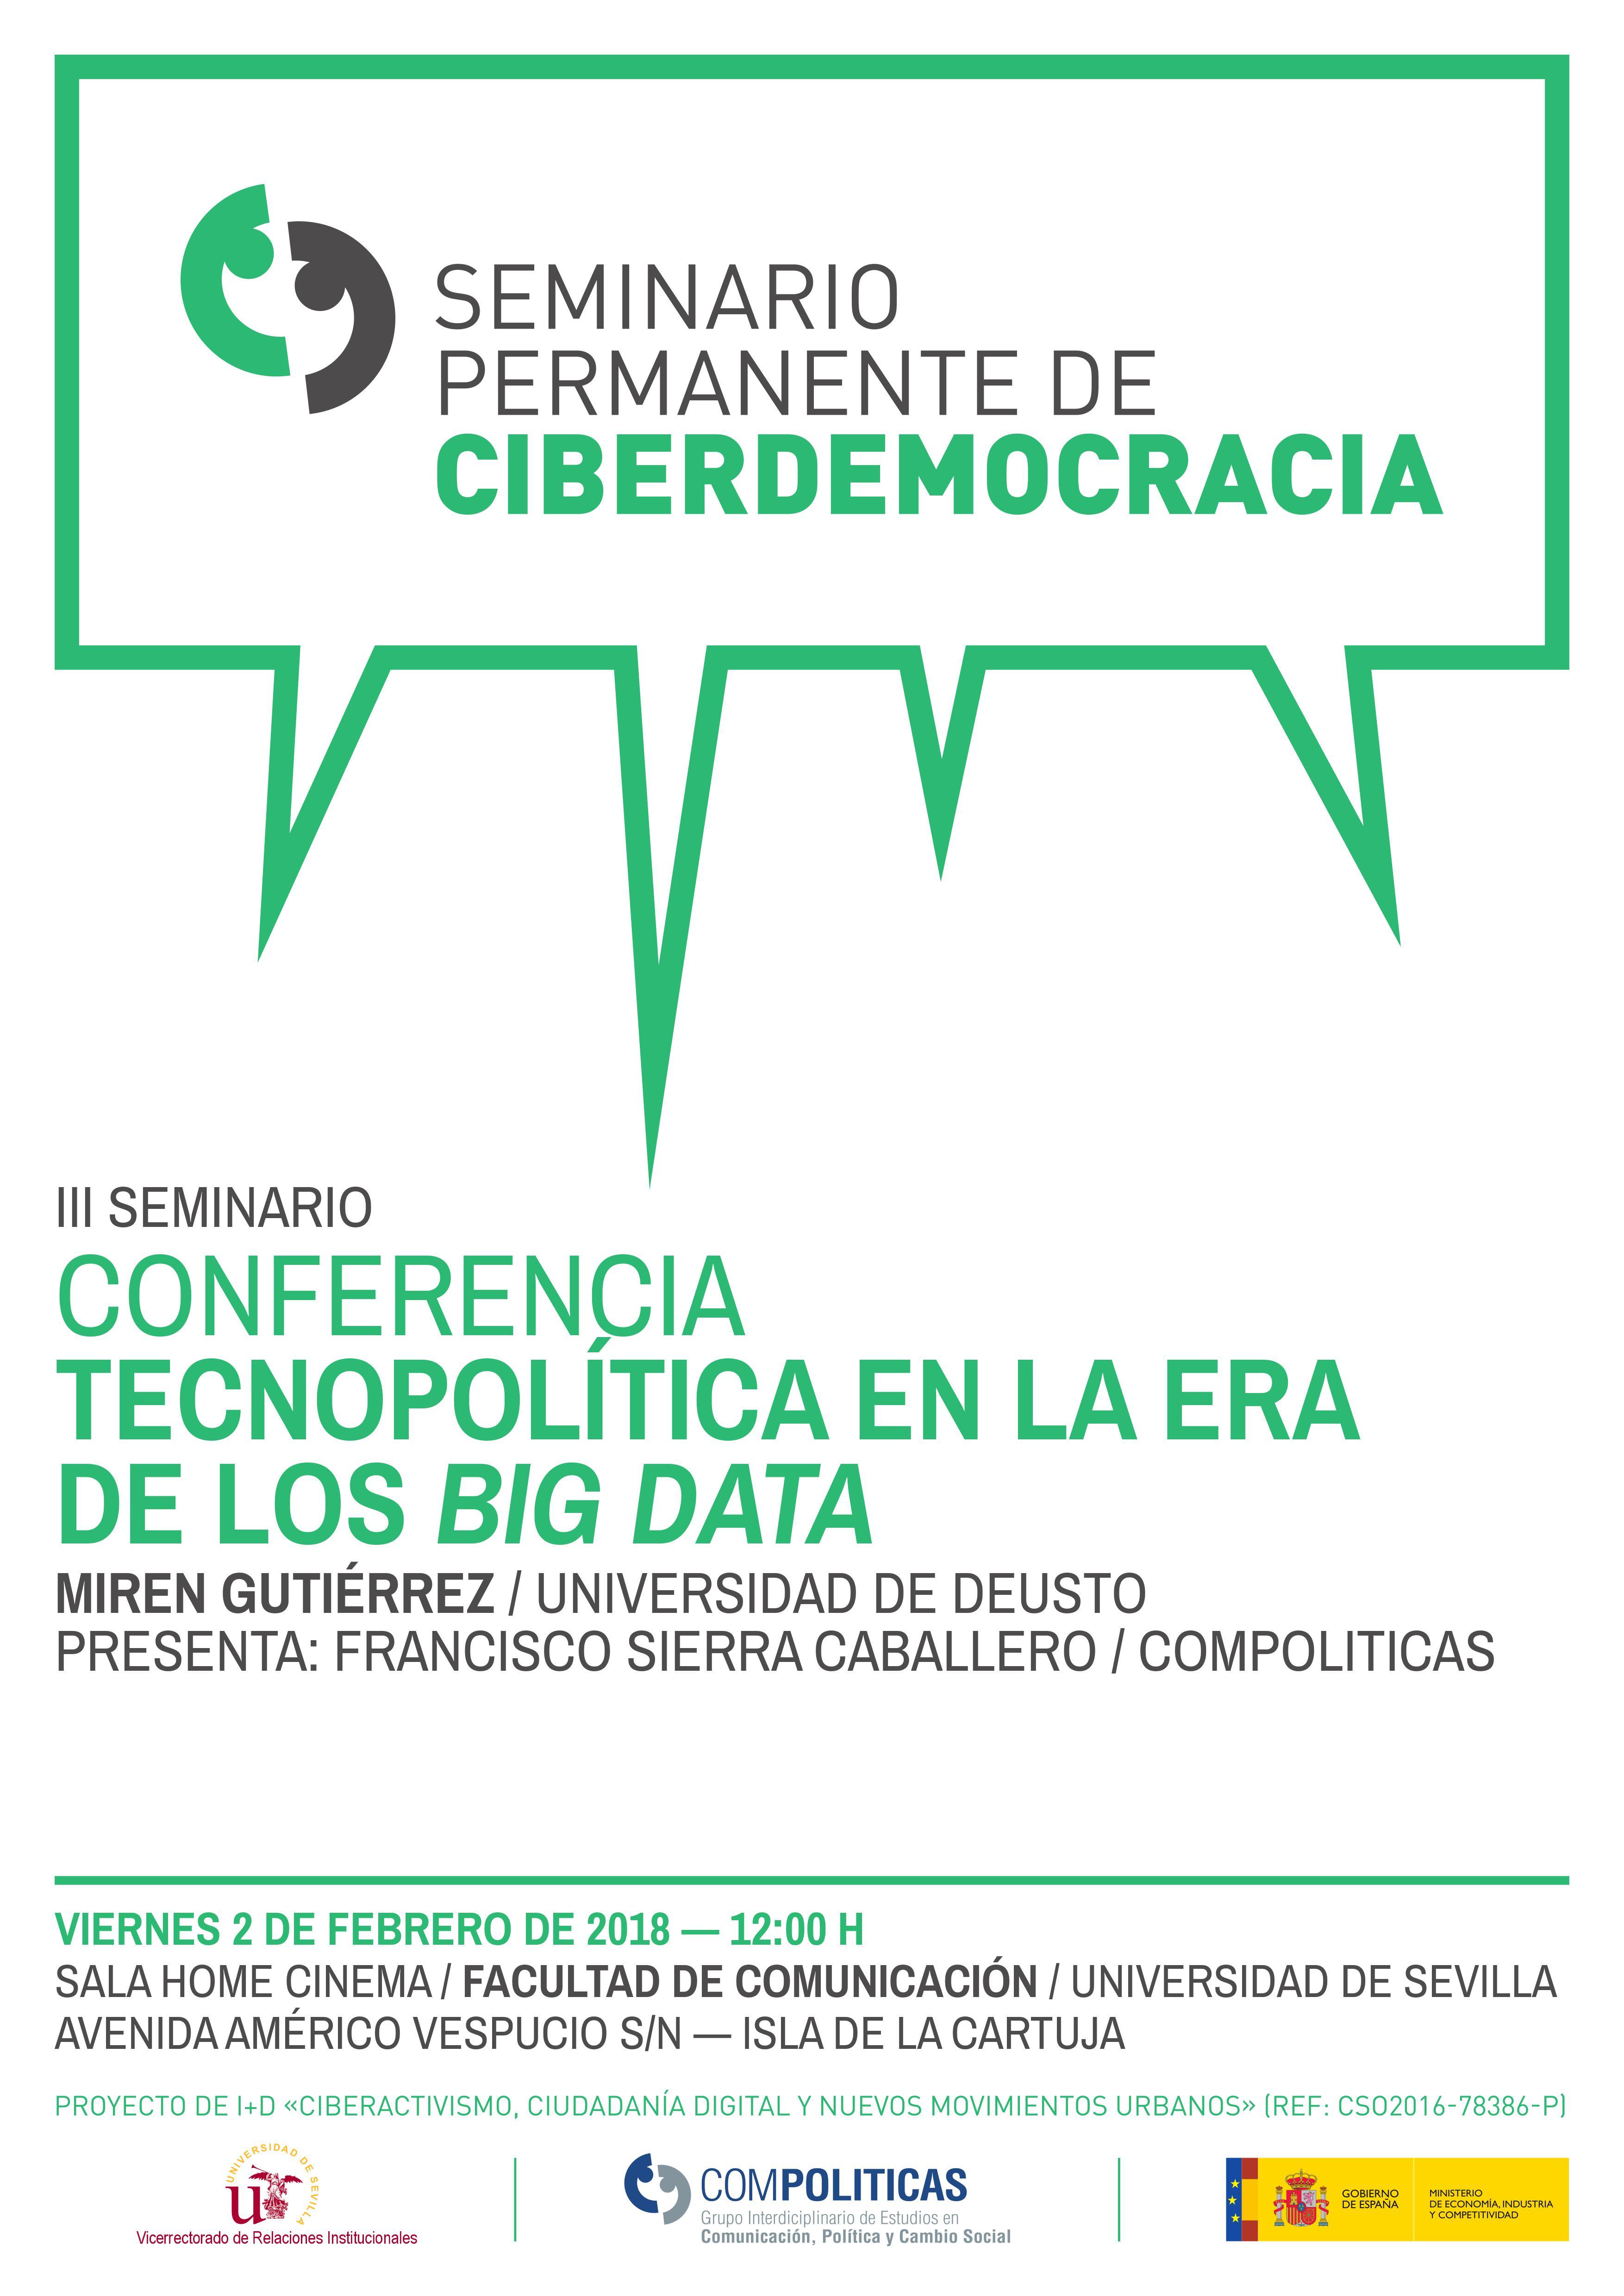 Seminario Ciberdemocracia. Tecnopolítica en la era de los big data